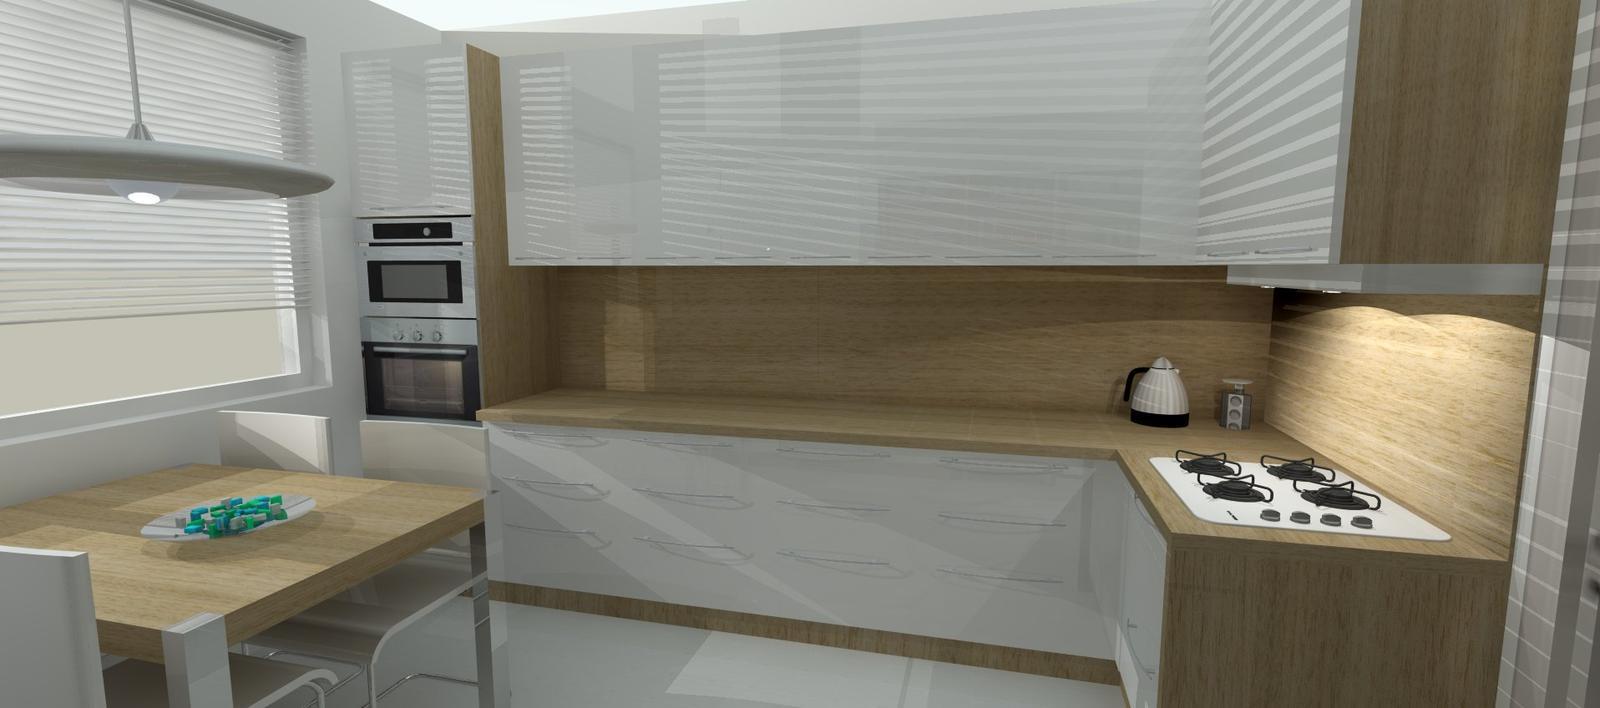 Kuchyne I. - verzia s prehodenou rúrou a chladničkou